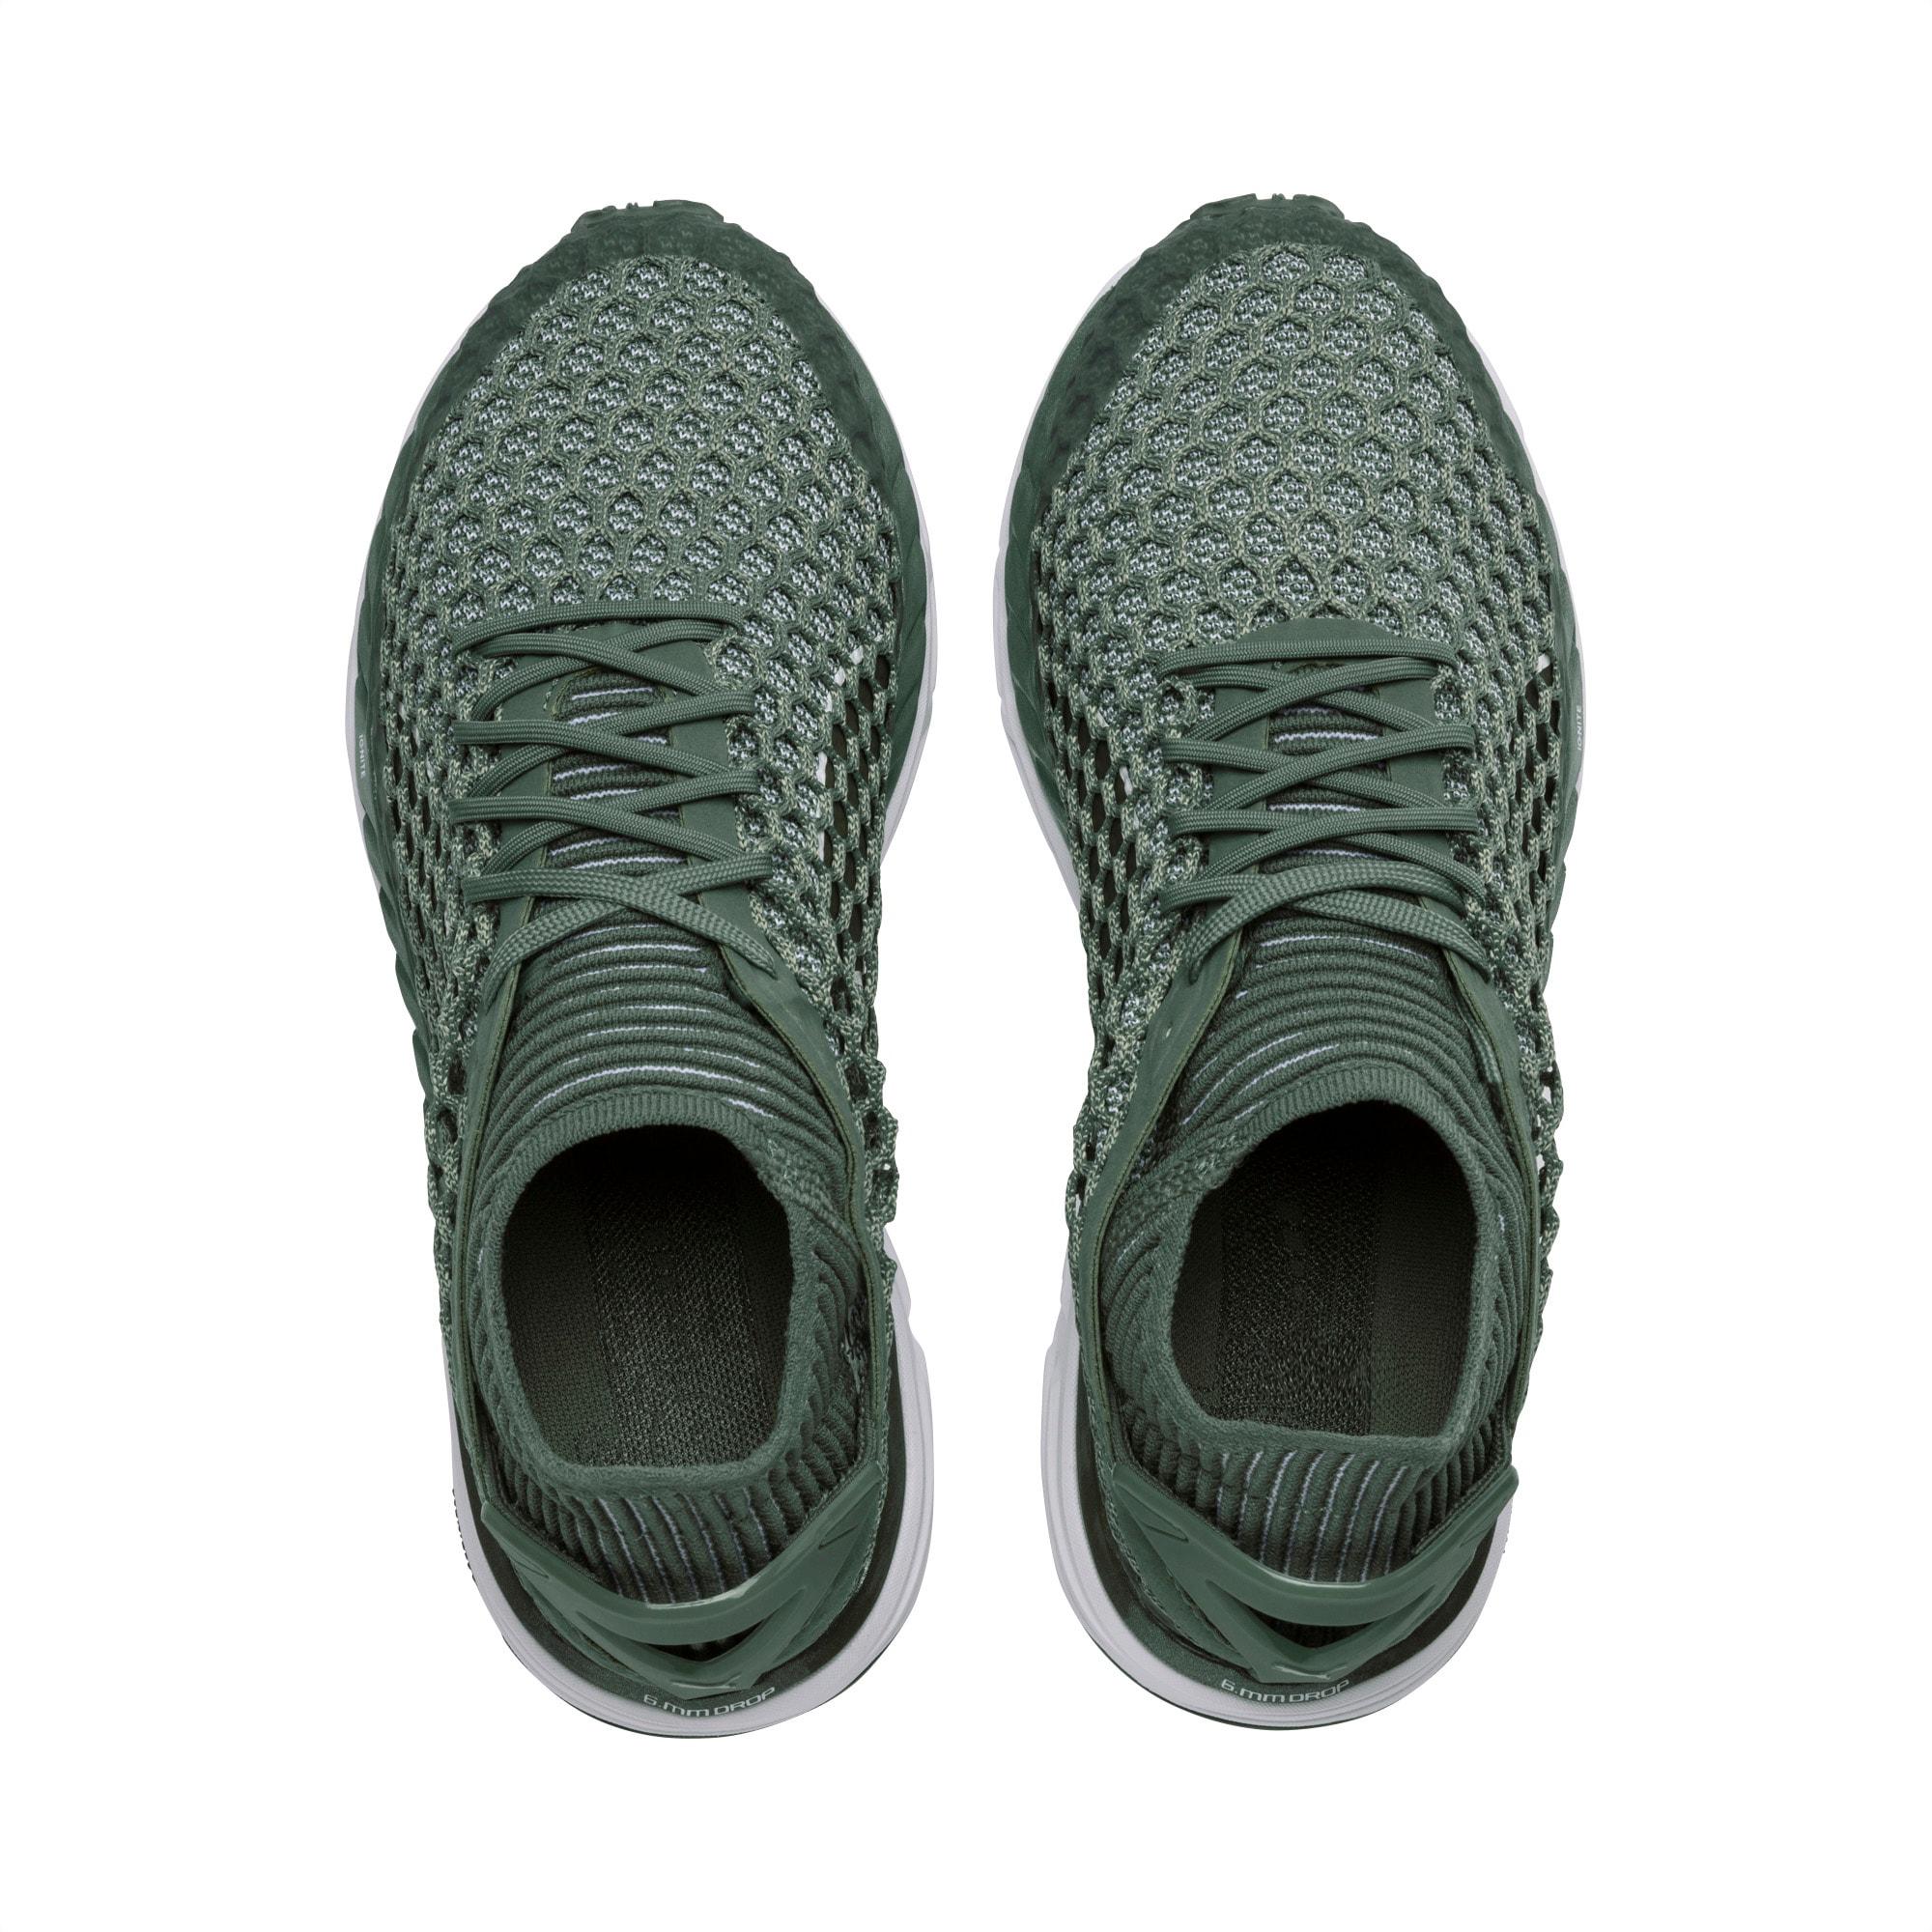 Speed IGNITE NETFIT 2 Women's Running Shoes | PUMA Nye